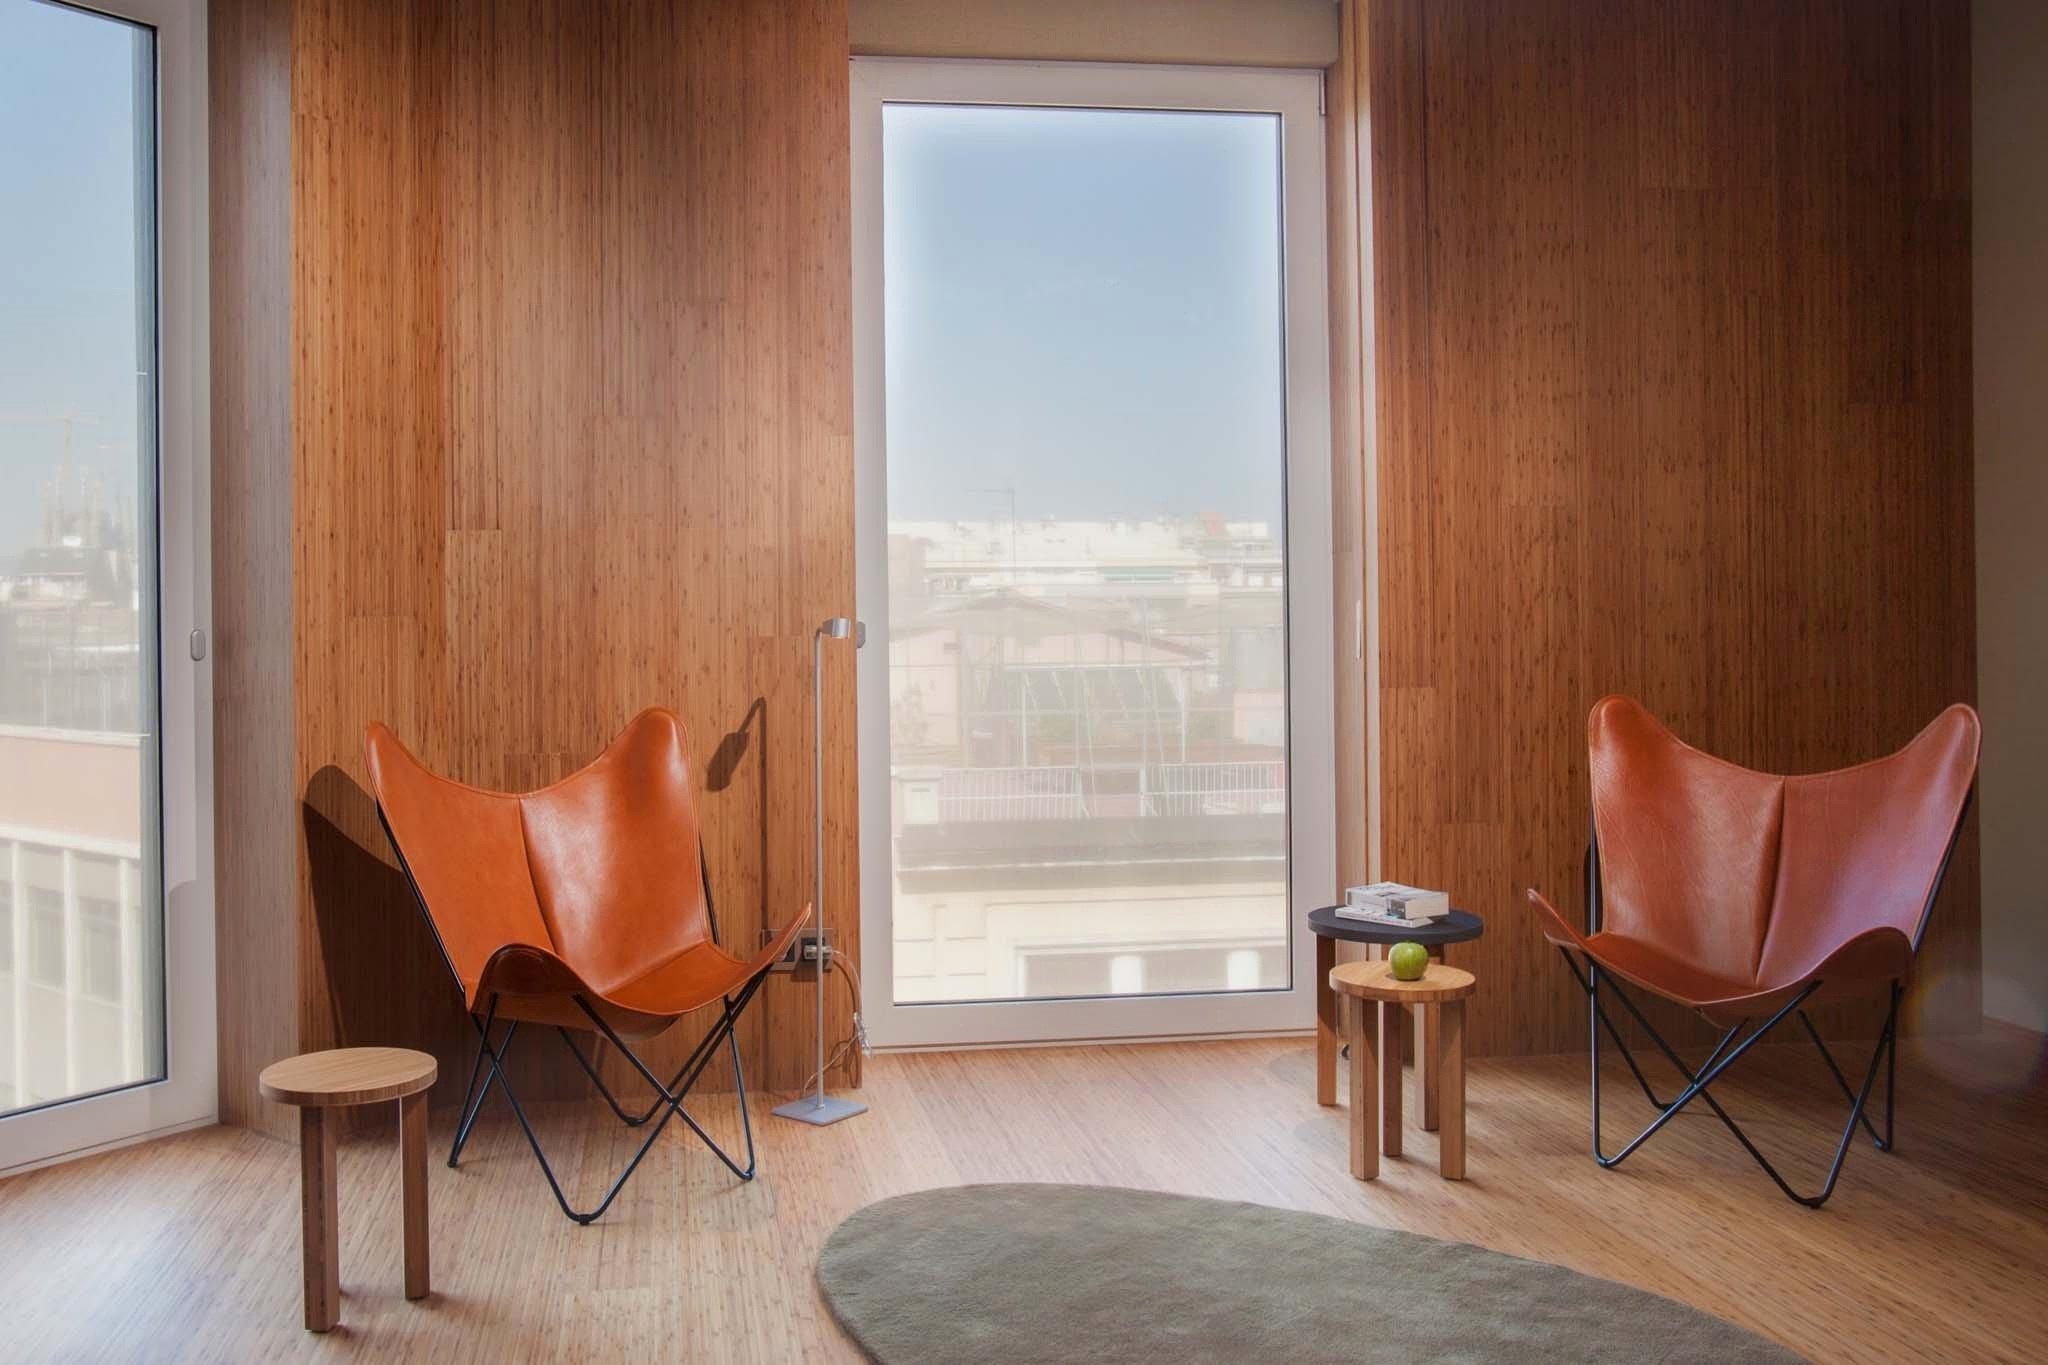 Fancy Chairs for Bedroom Luxury 21 Elegant Hardwood Floor Bedroom